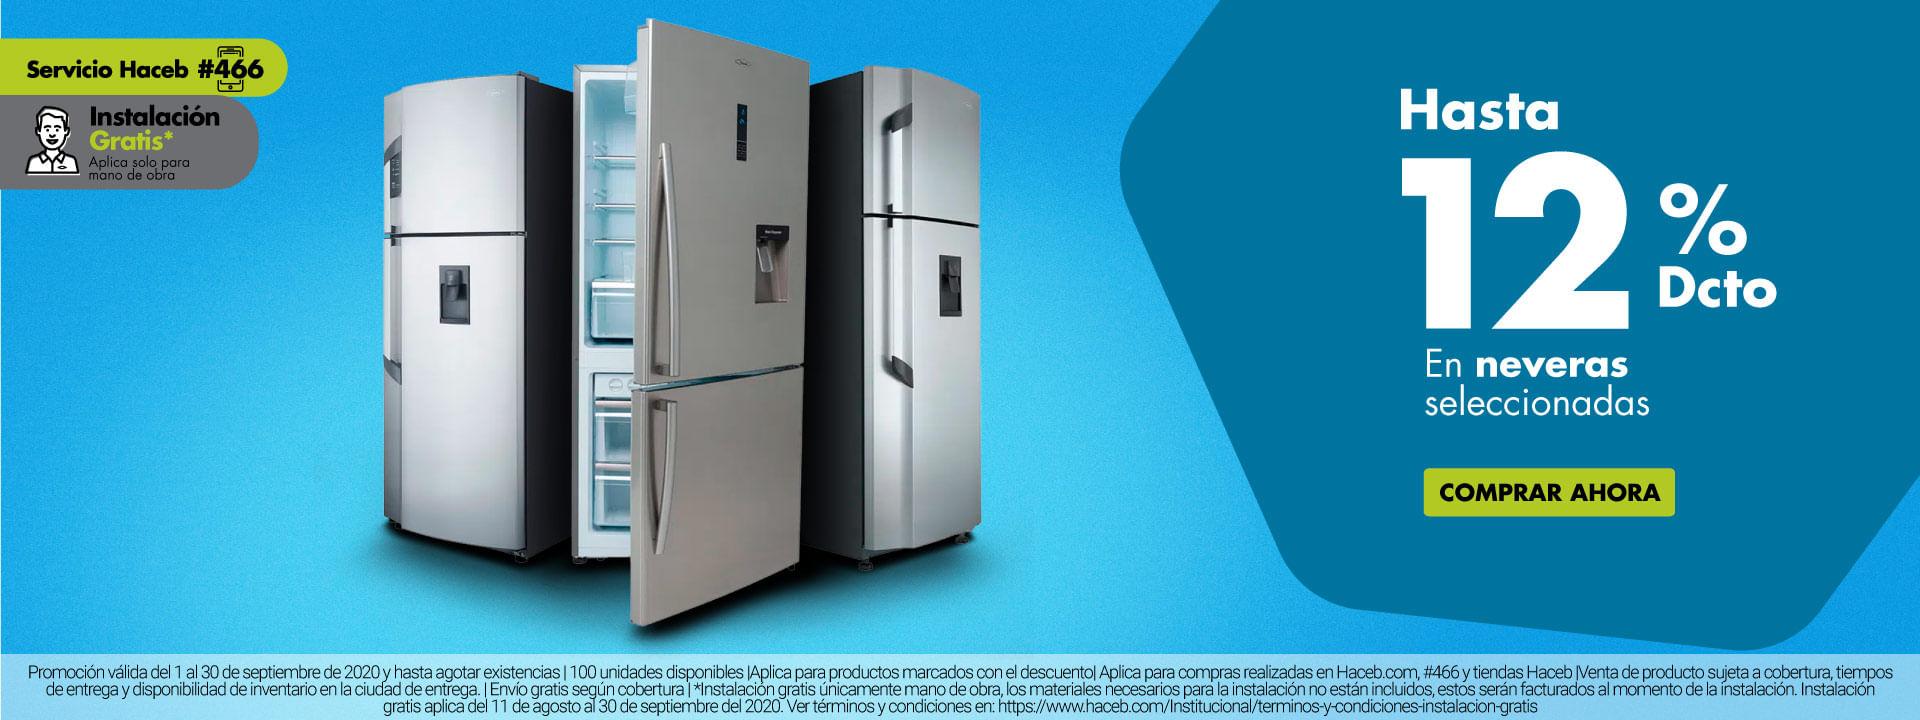 Cuidar de todos - Septiembre - Refrigeracion